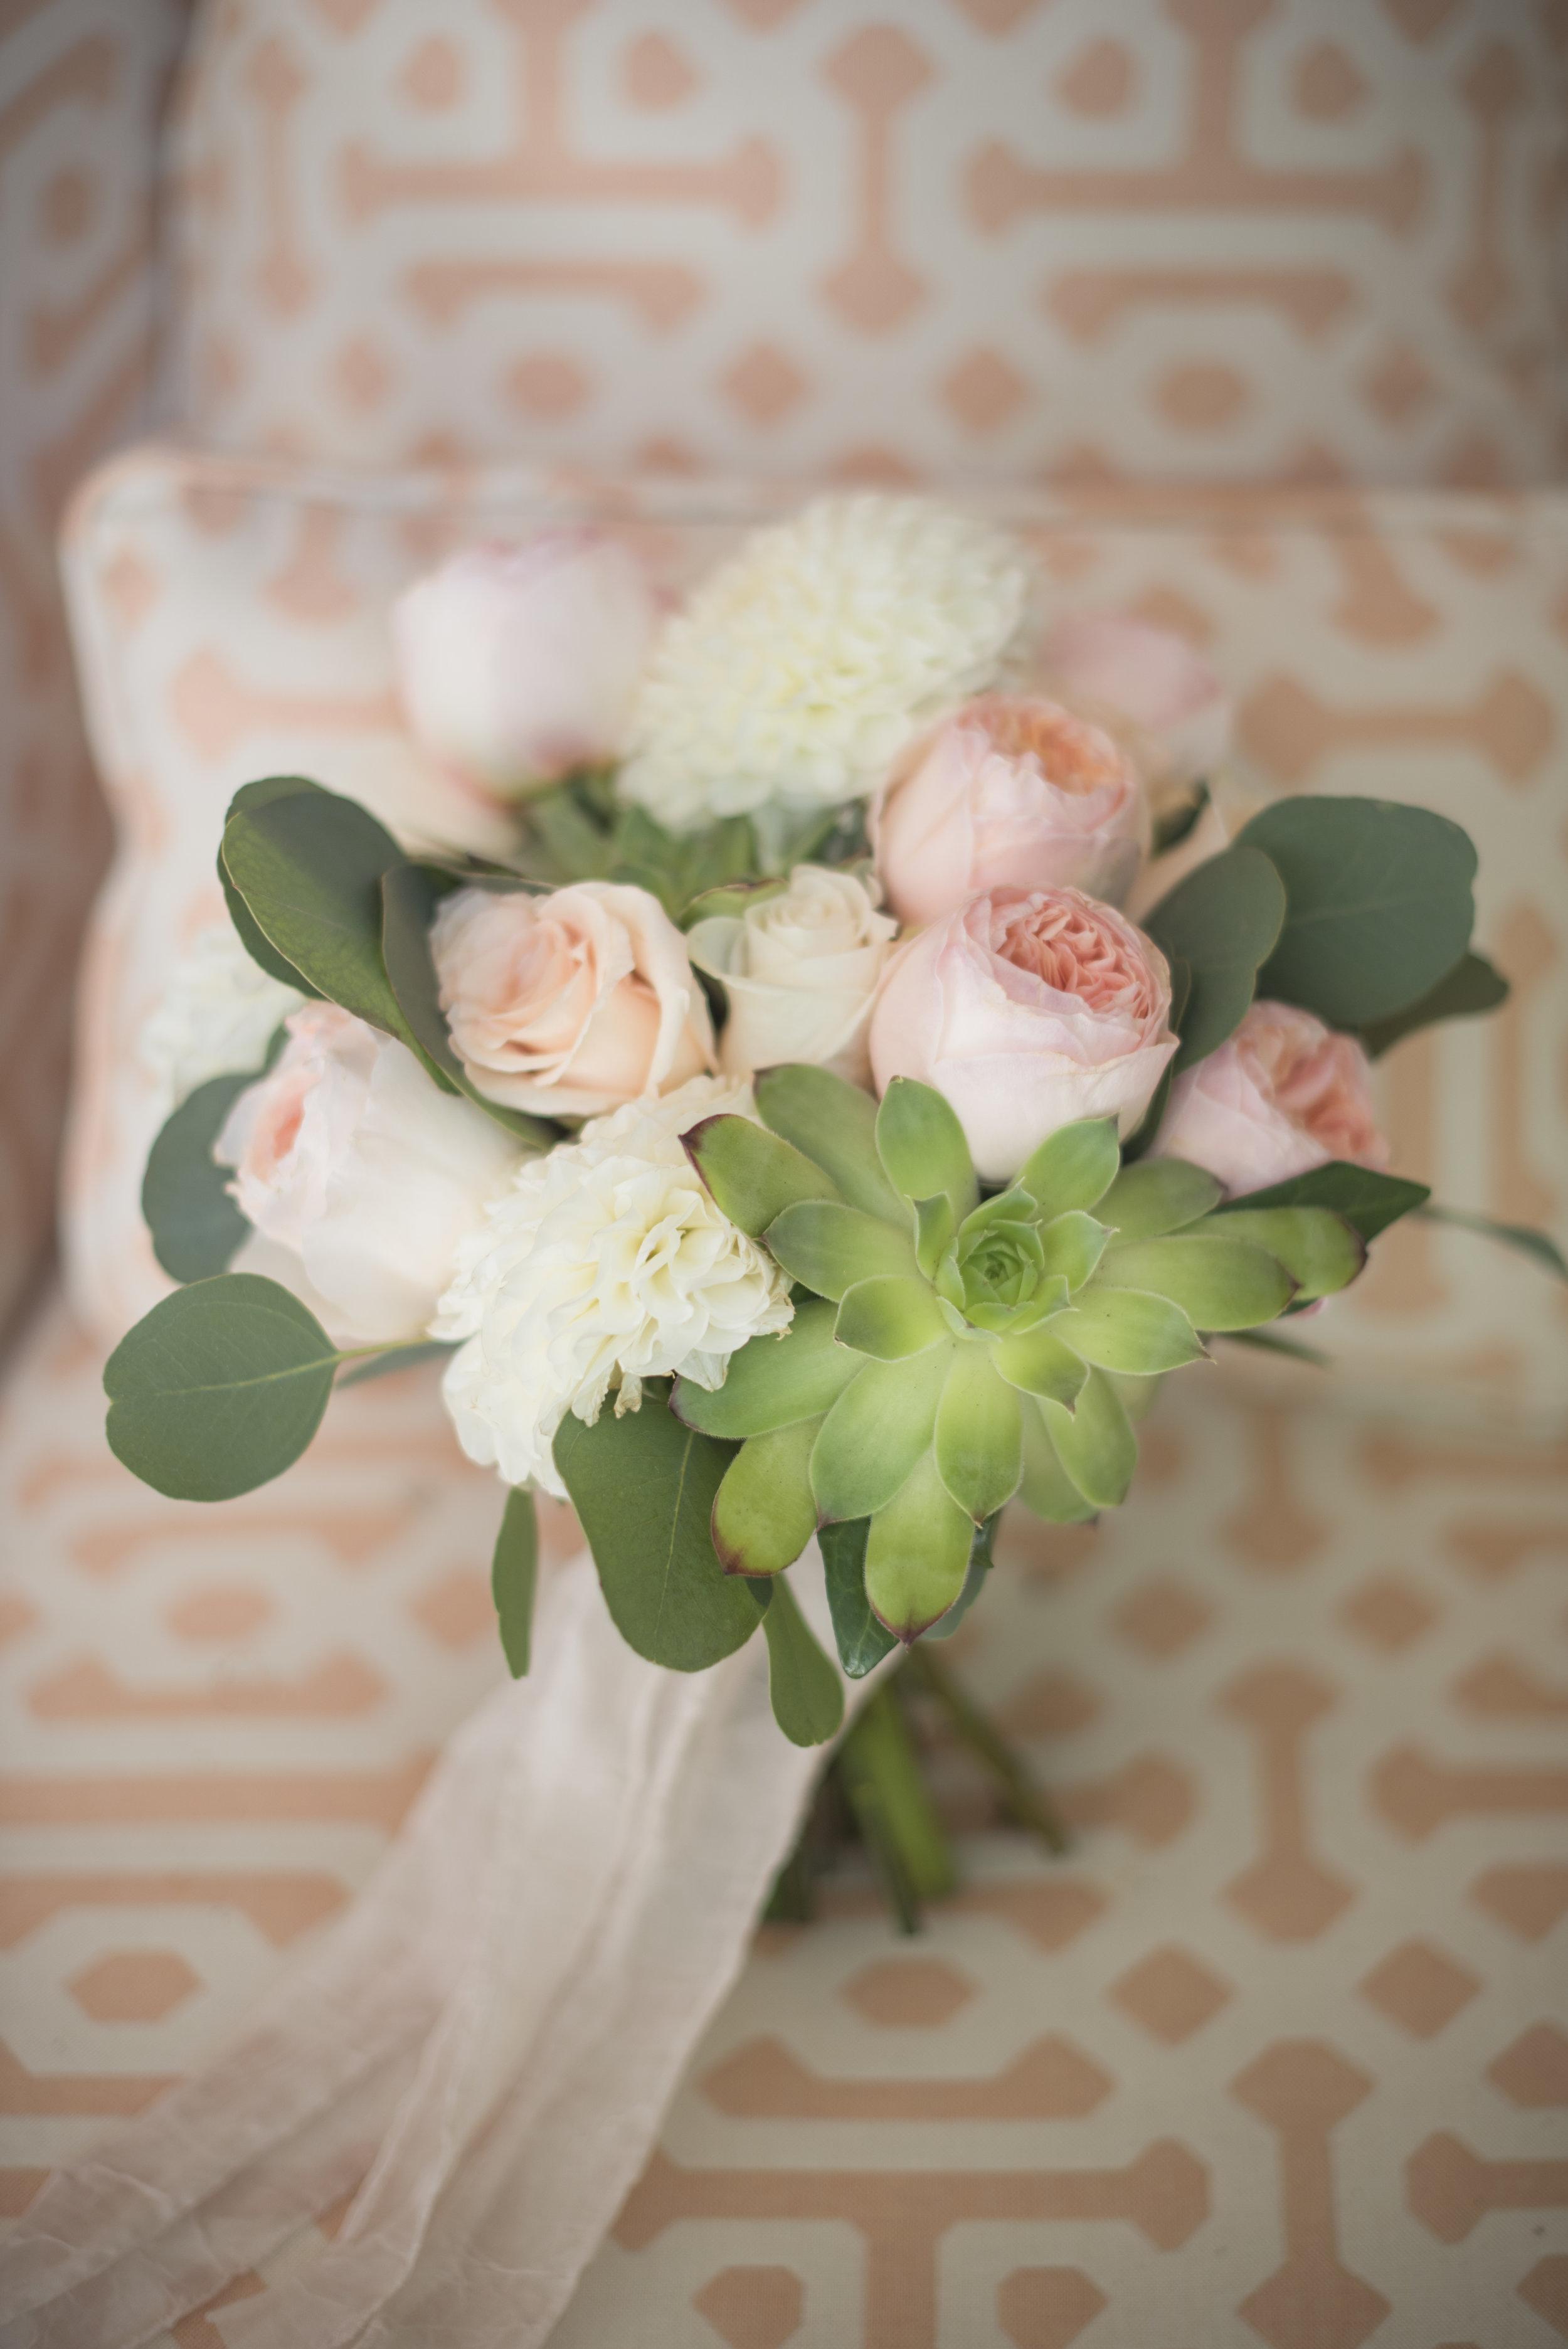 SN_weddingteasers-7.jpg